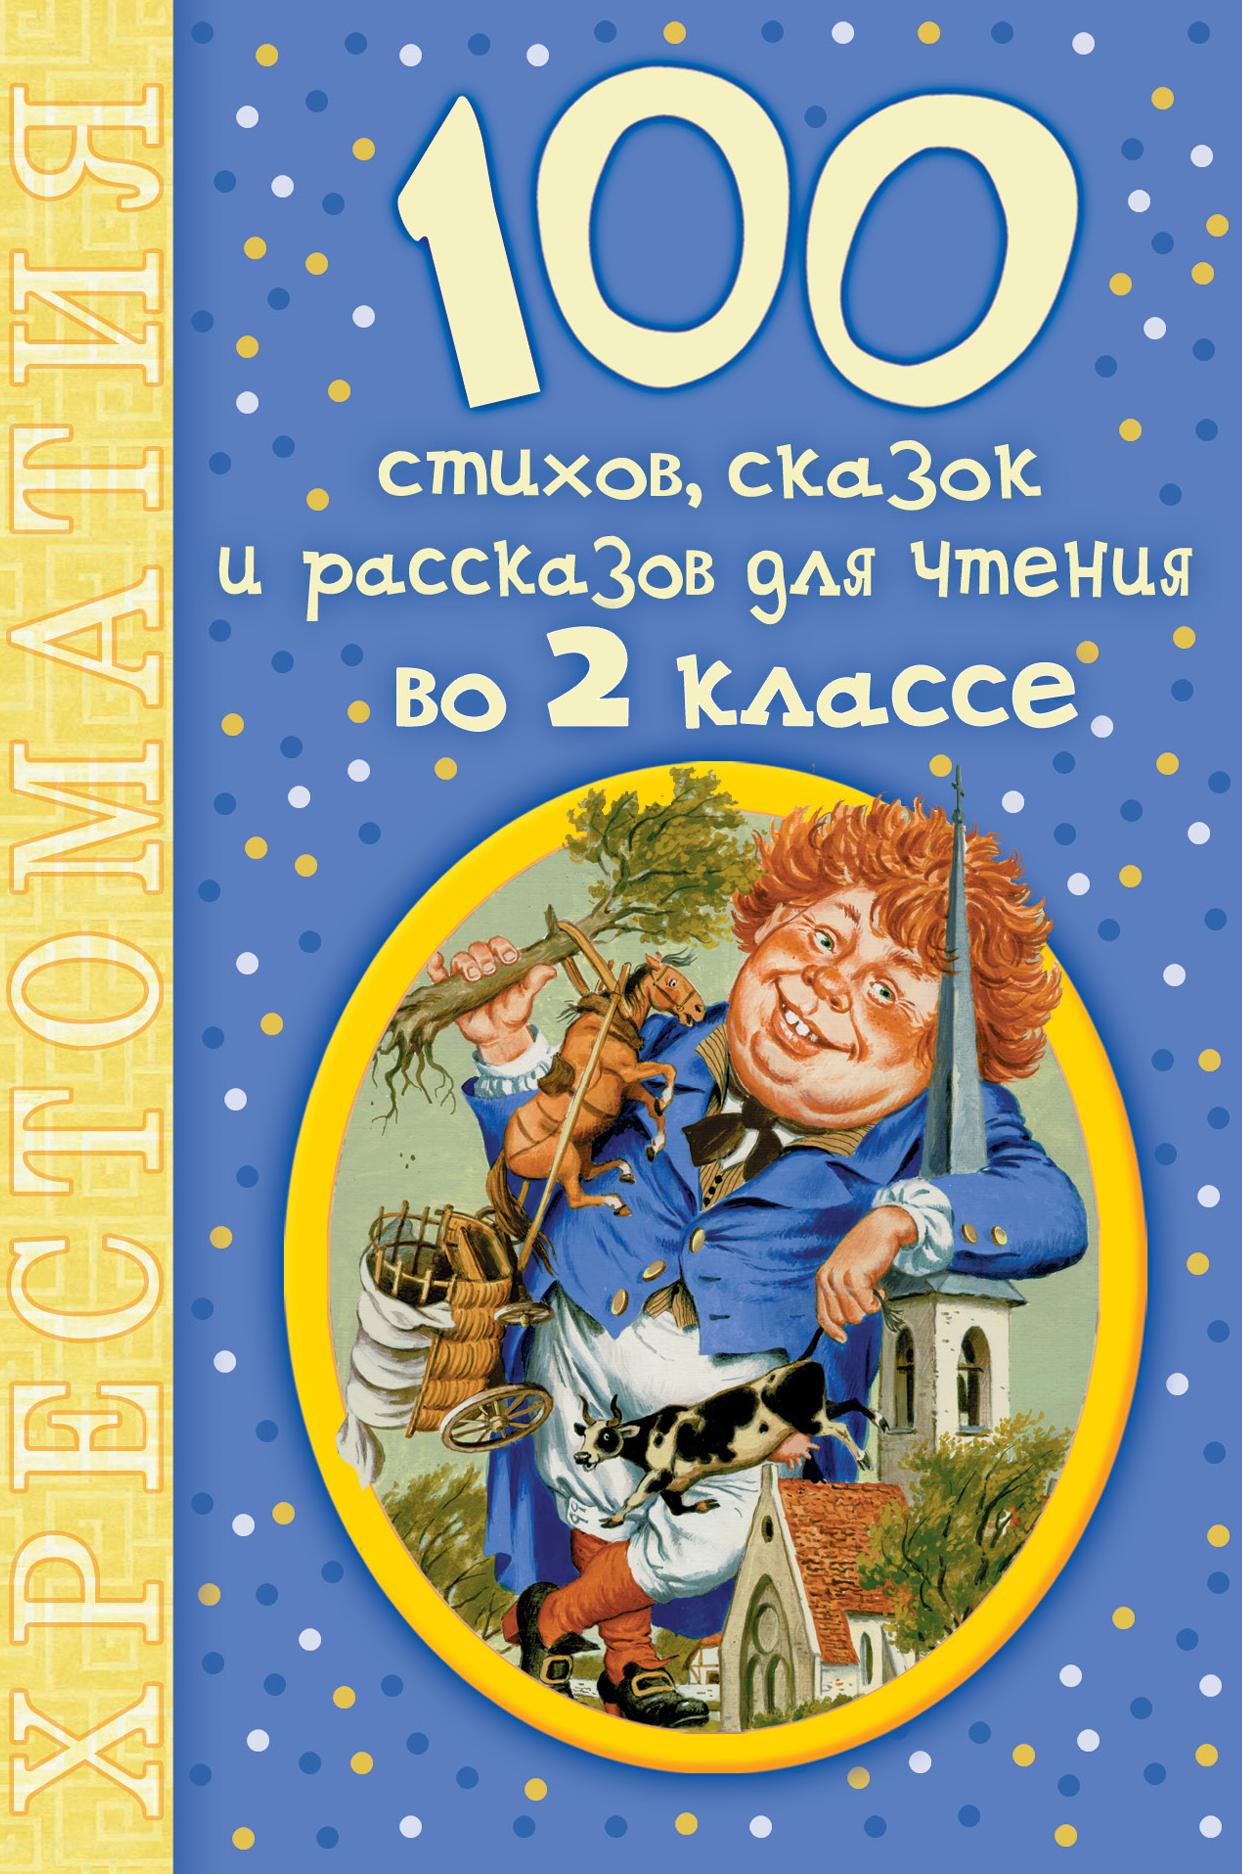 Купить Книга 100 Стихов, Сказок и Рассказов для Чтения Во 2 классе, АСТ, Книги по обучению и развитию детей